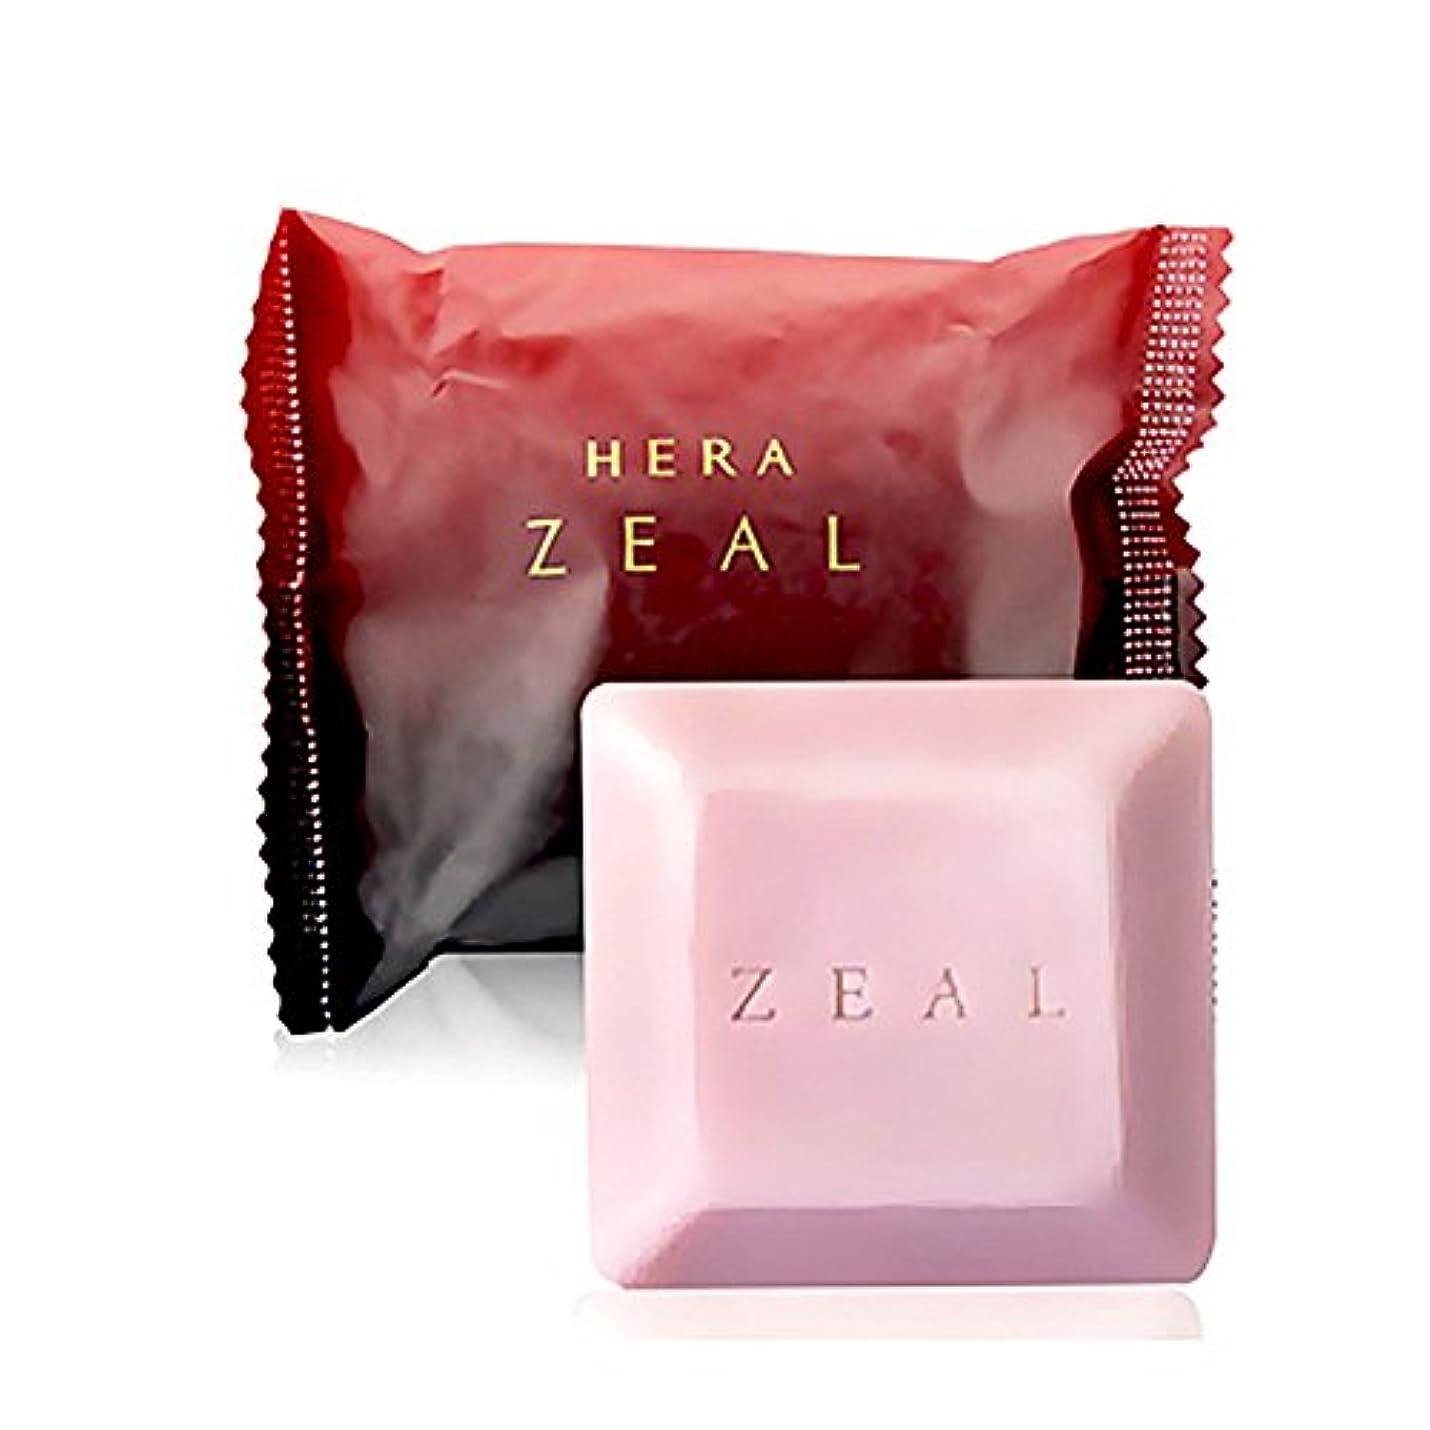 厄介なビルダー入浴HERA ZEAL 美容石鹸 60gソープ/Hera Zeal Organic Perfumed Soap